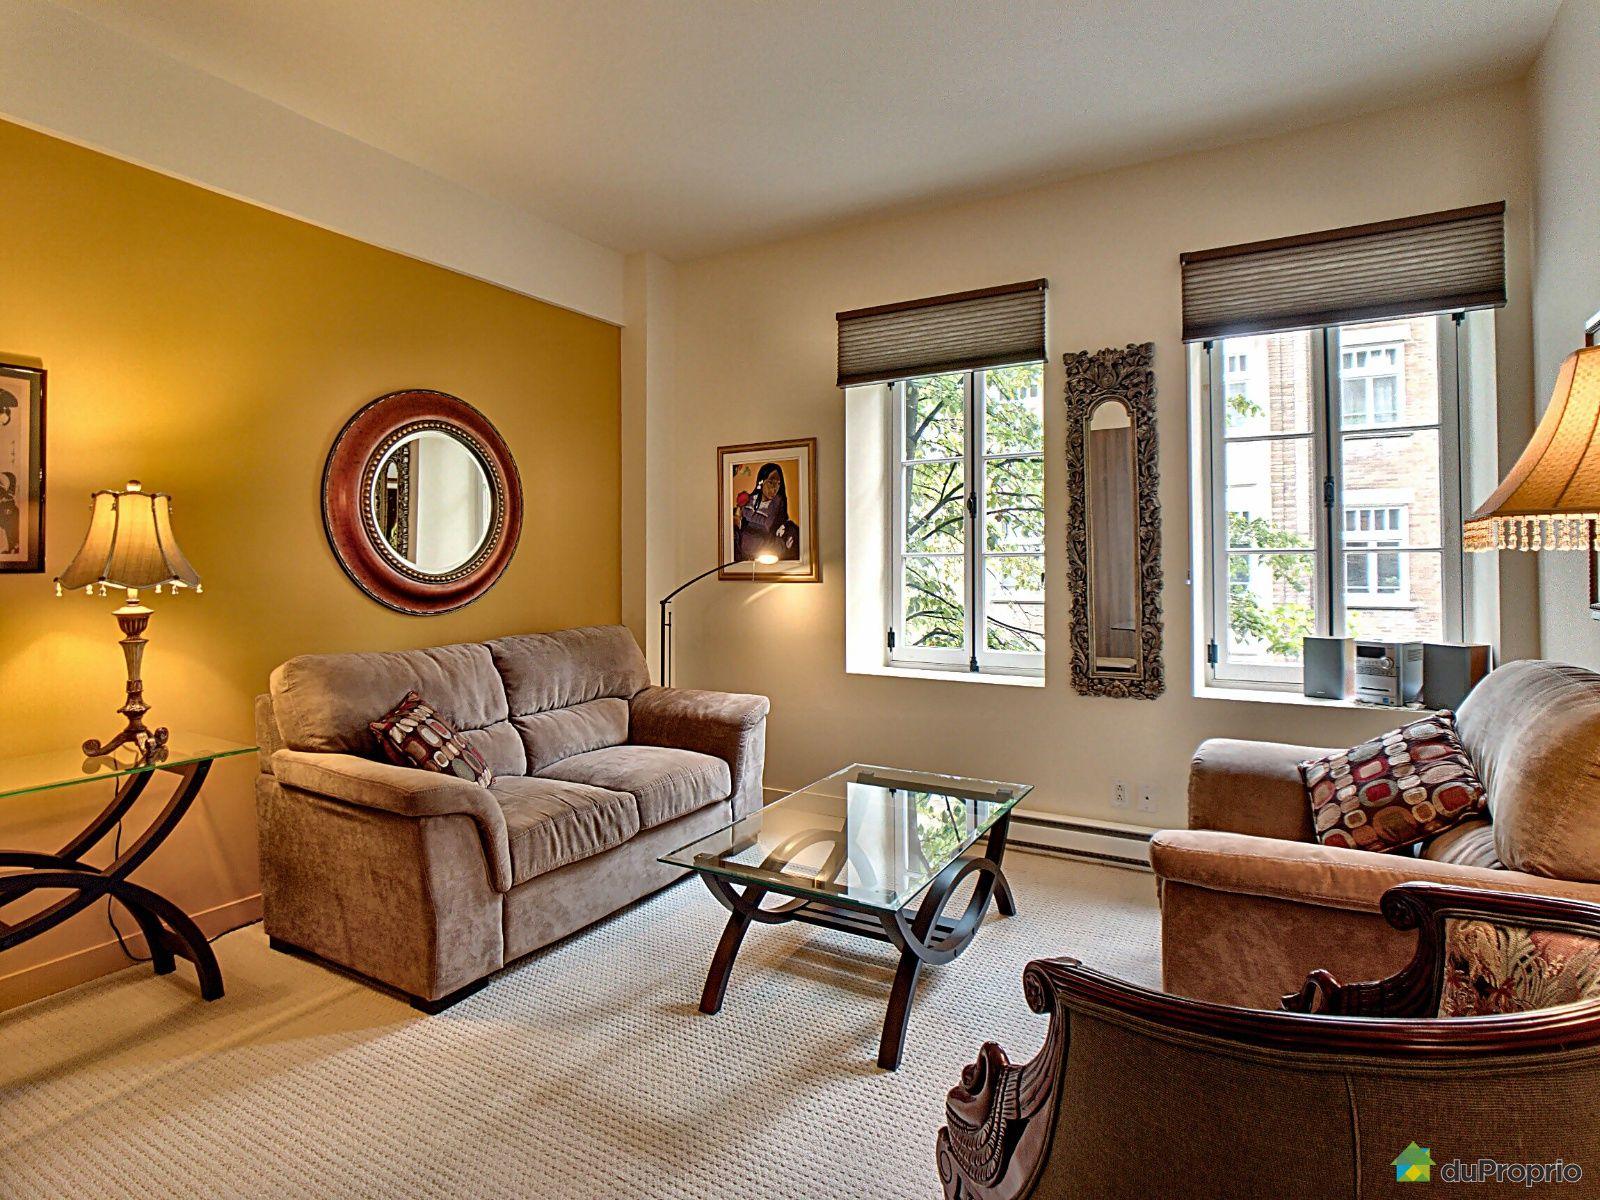 Living Room - 304-545 rue Jacques-Parizeau, Vieux-Québec for sale